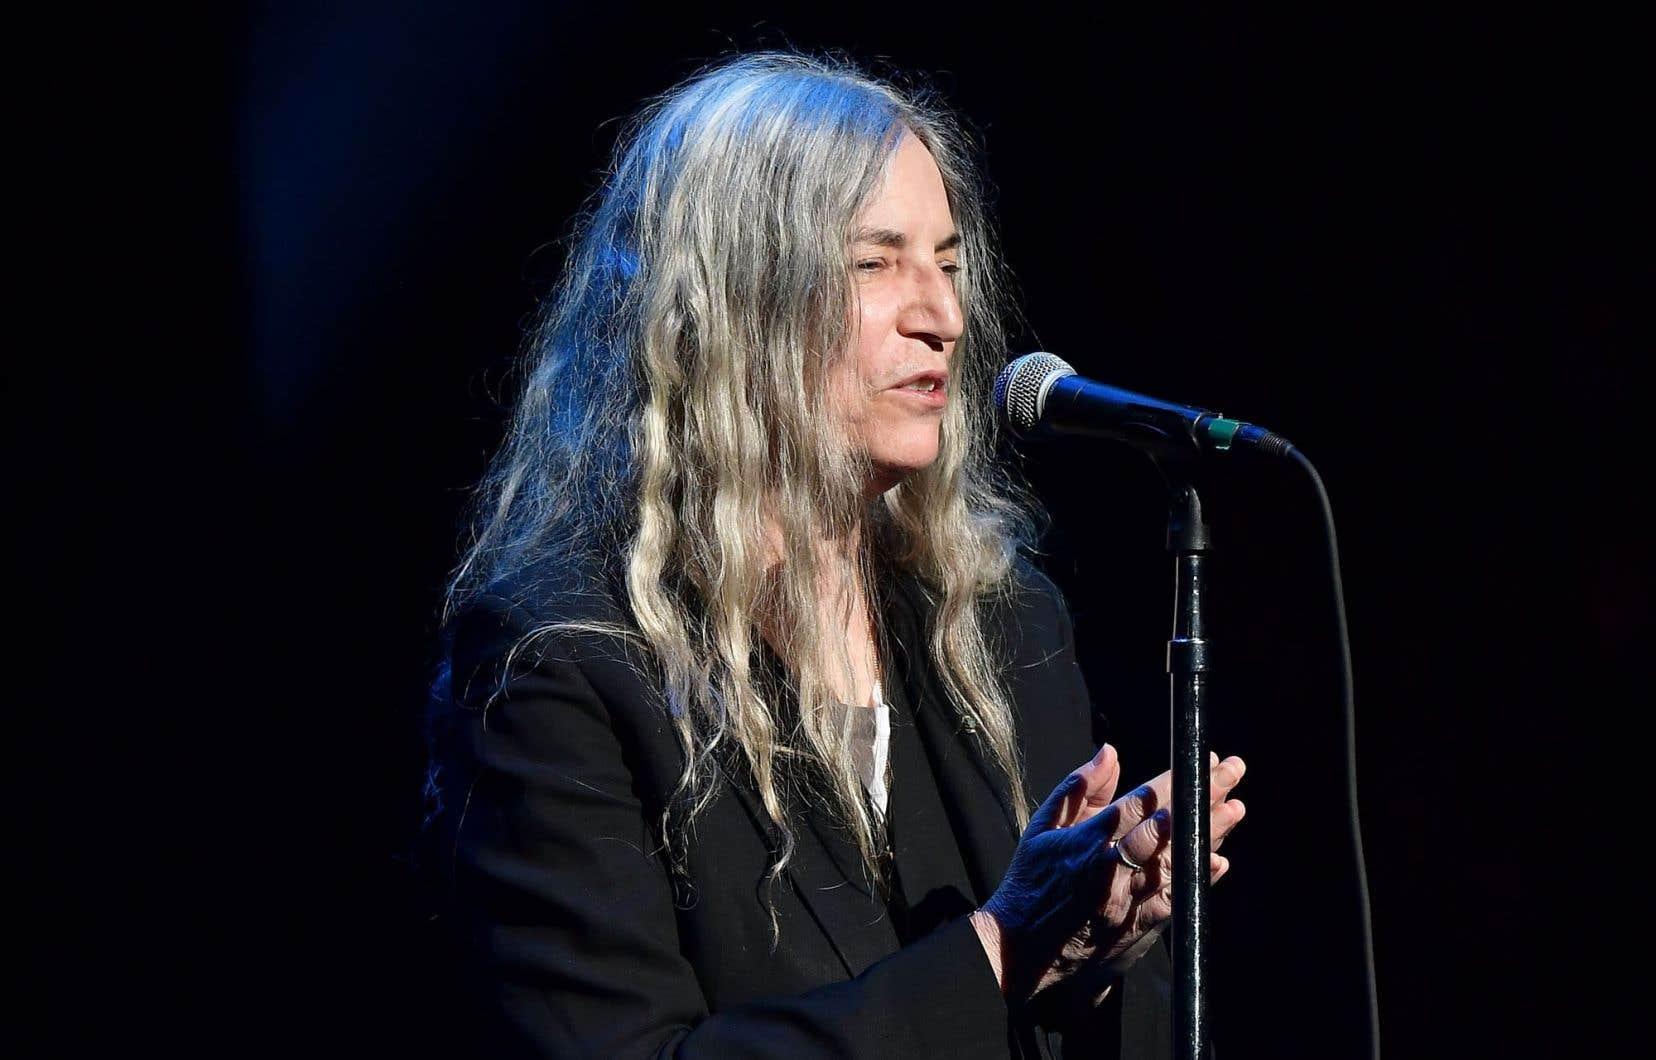 Patti Smith, la rockstar, est difficile à ignorer dans le paysage littéraire contemporain. Adulée par certains, elle est vertement critiquée par d'autres.